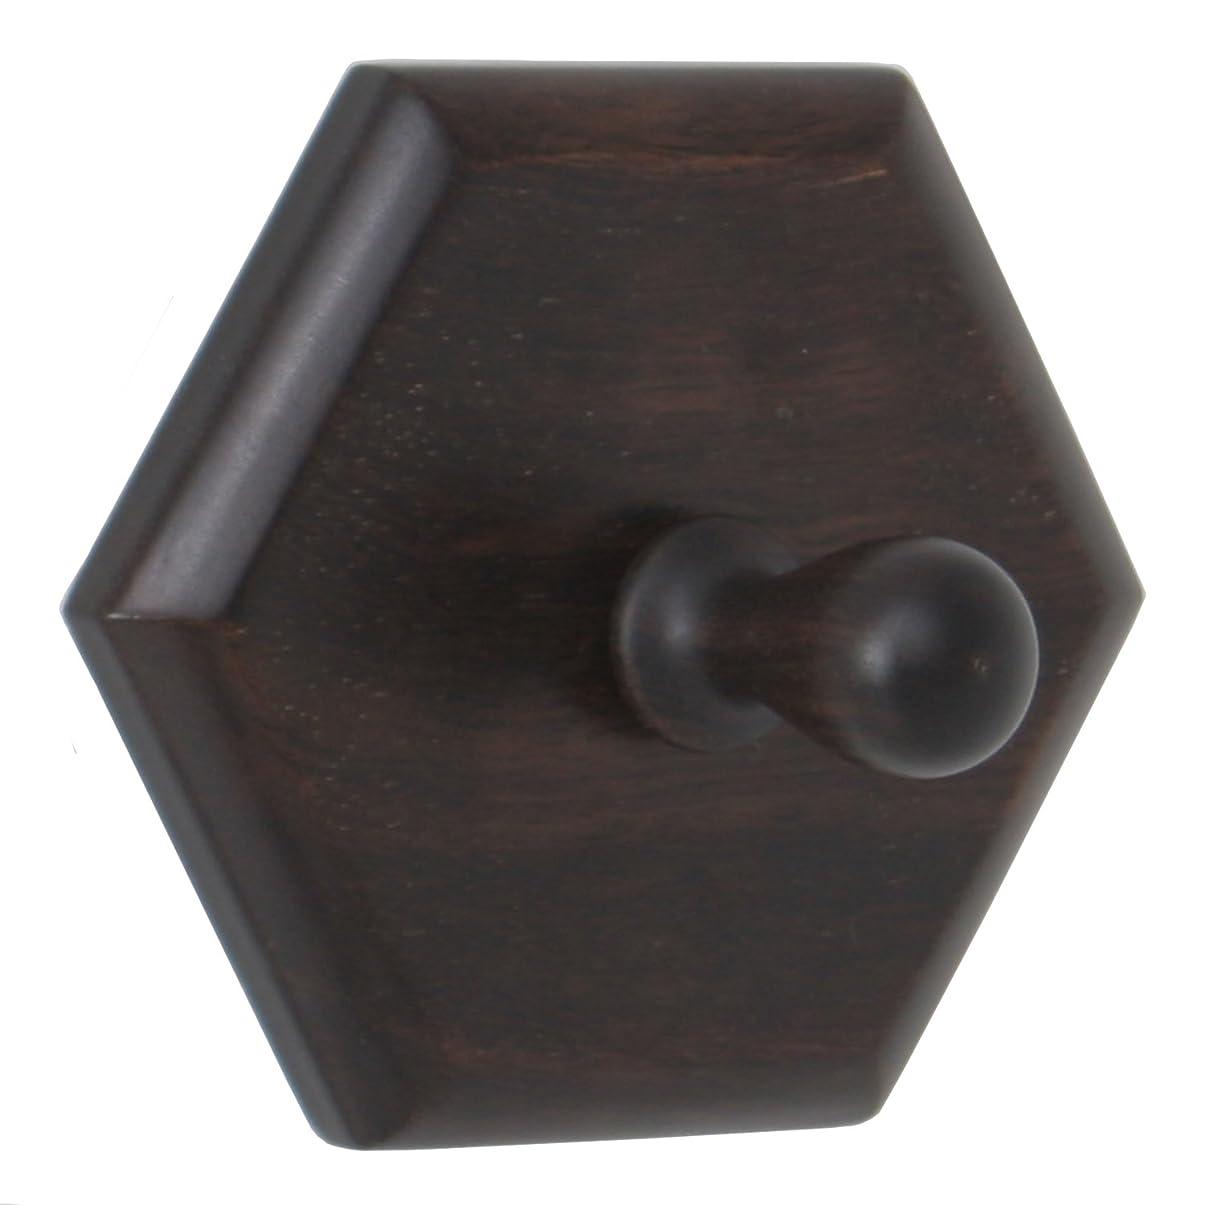 理想的バスケットボール正確さ不二貿易 靴べらかけ 六角型 小 ダークブラウン 木製 黒檀 78423